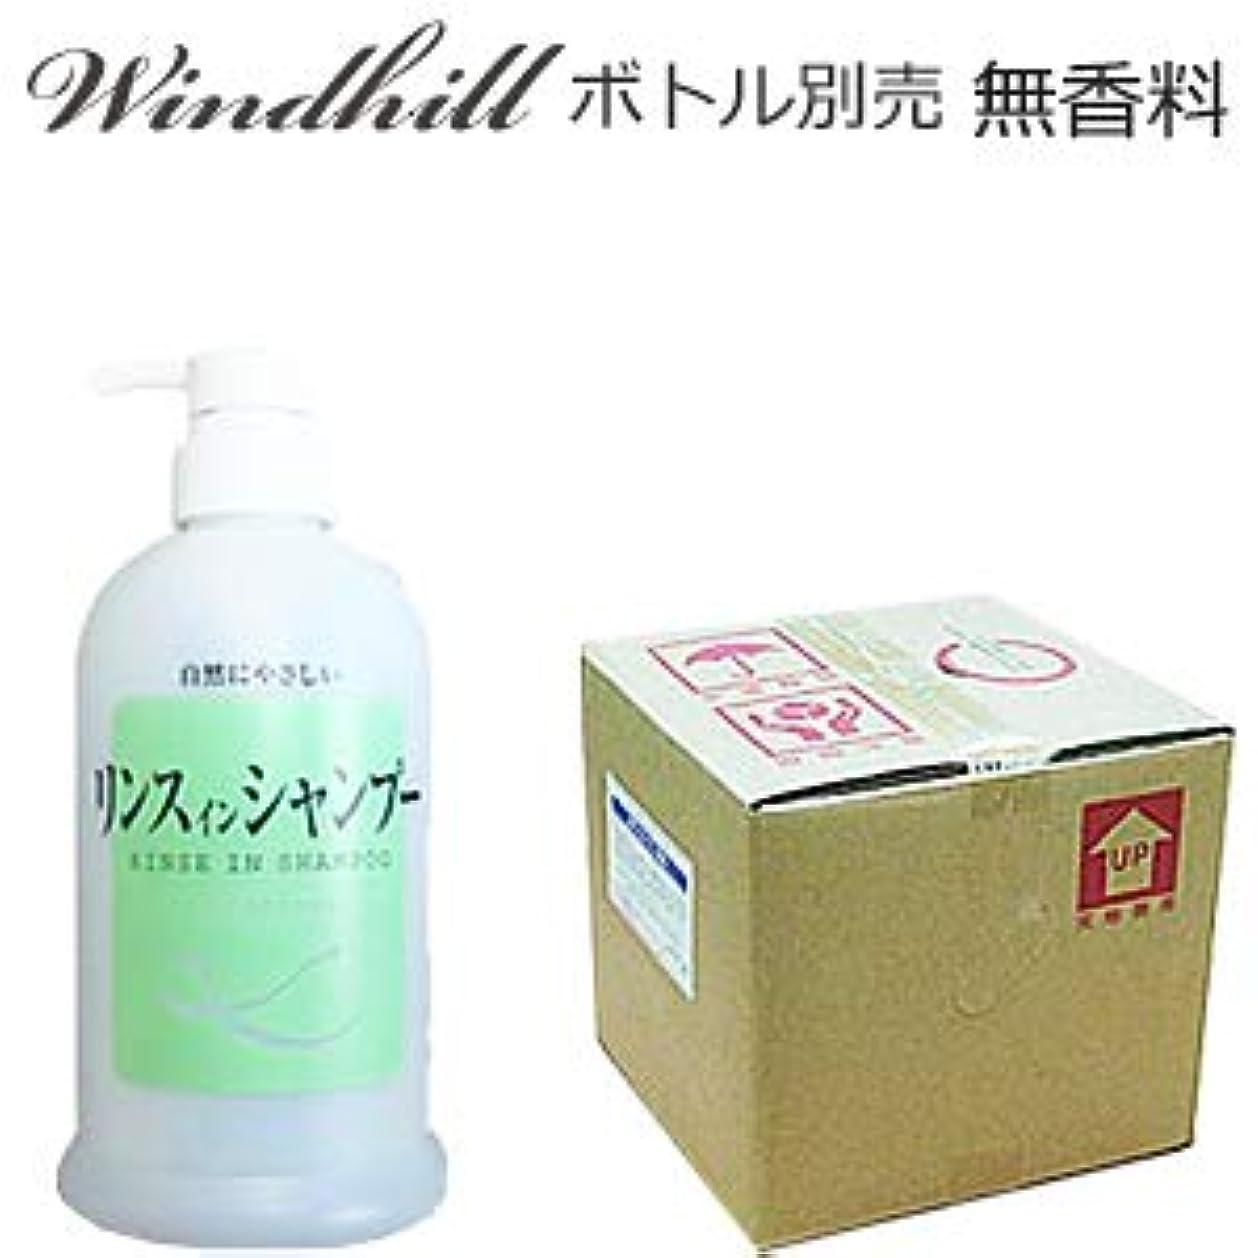 天国資産配るWindhill 植物性 業務用ボディソープ 無香料 20L(1セット20L入)